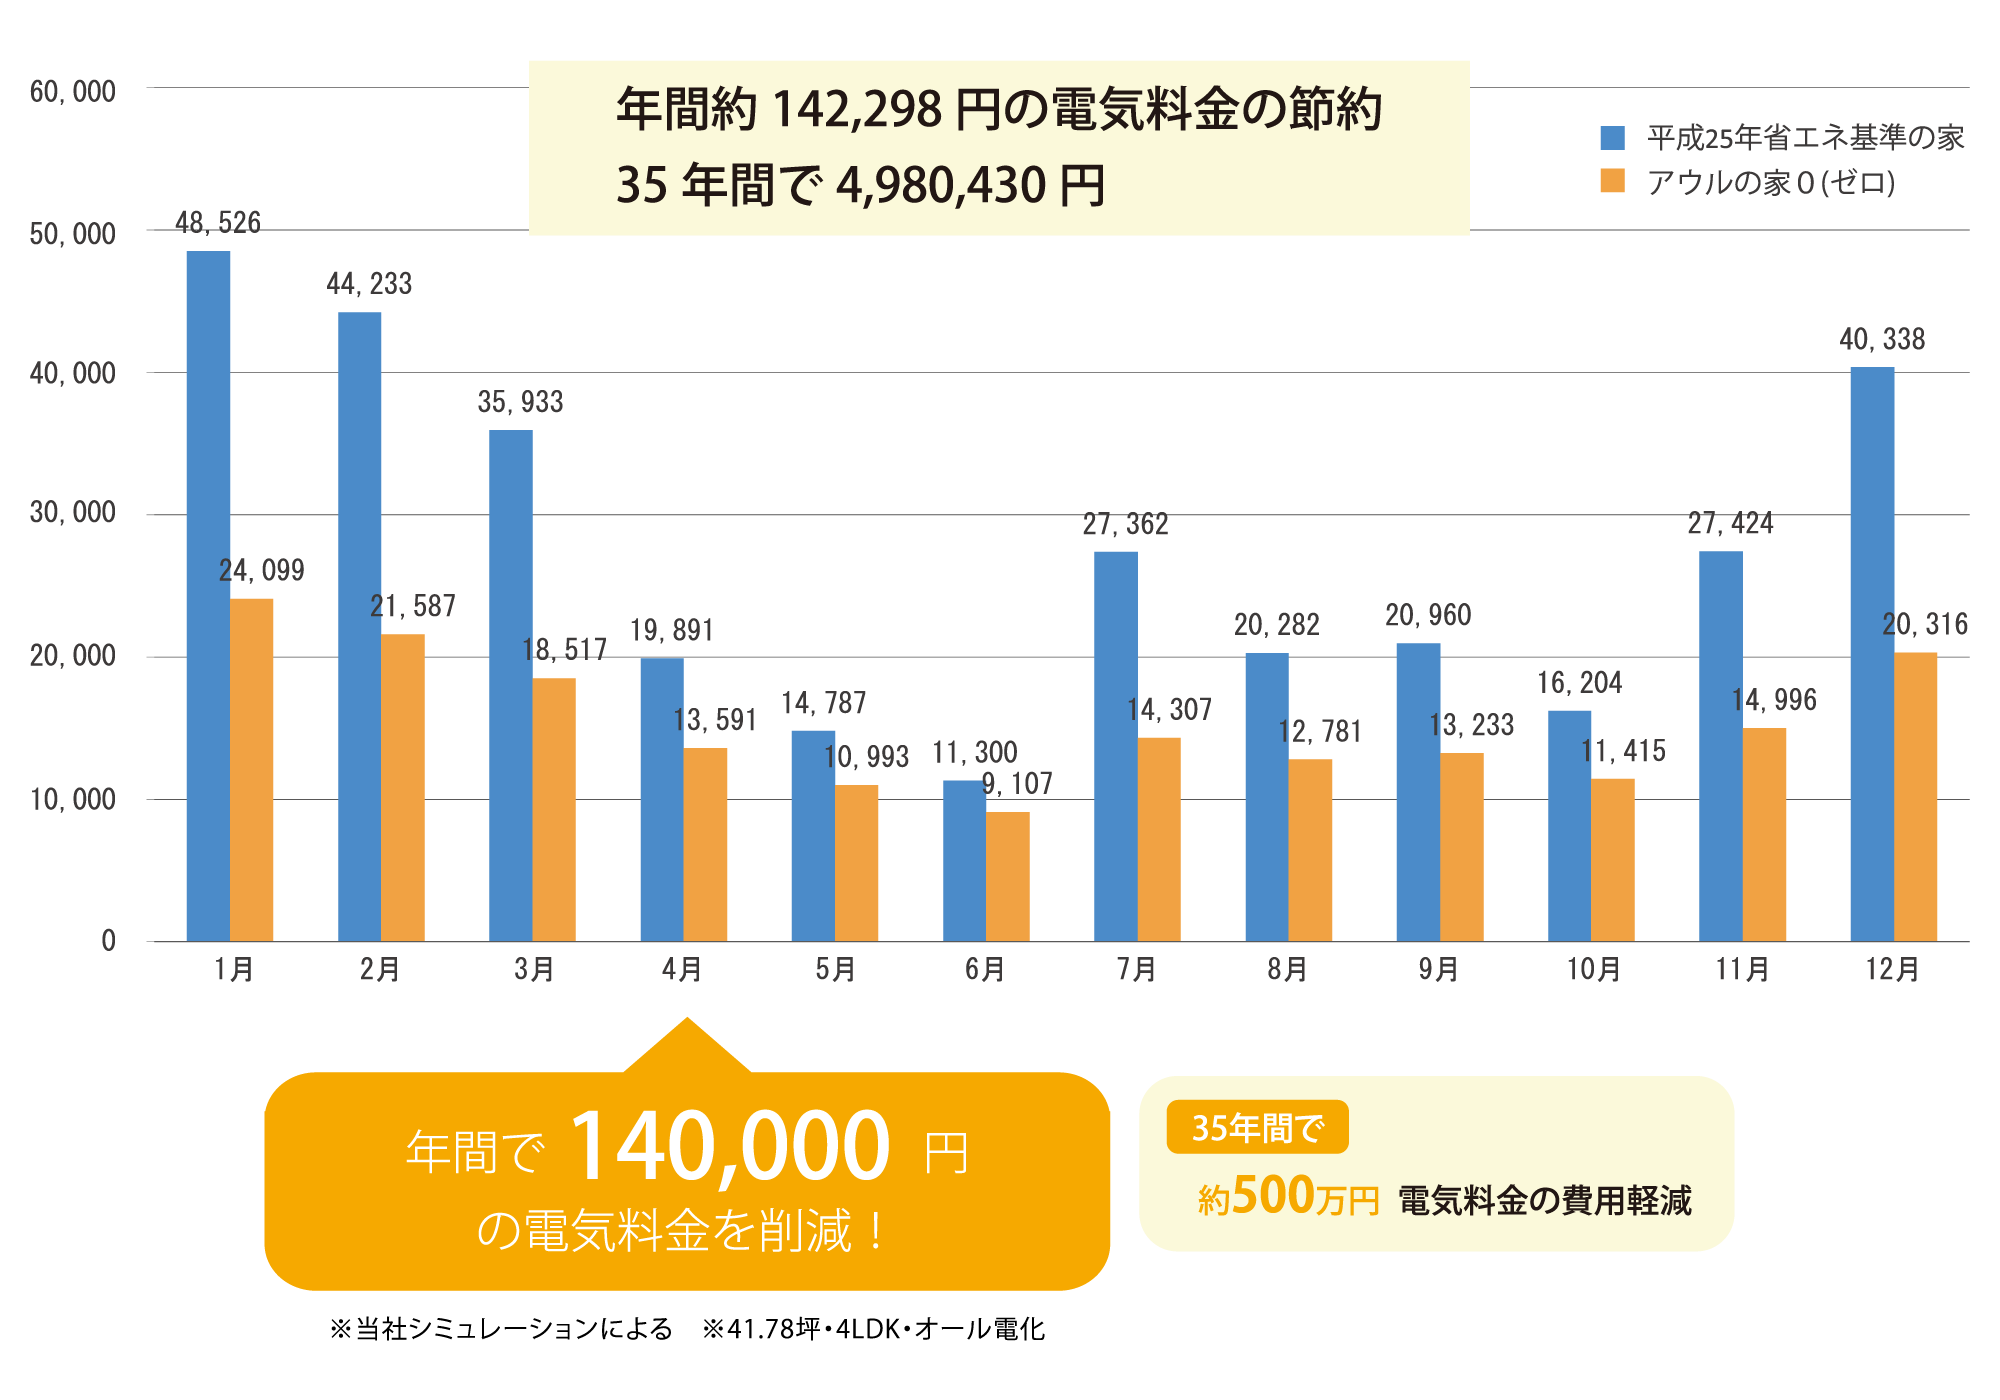 年間約142,298円の電気料金の節約 35年間で4,980,430円。年間で140,000円の電気料金を削減!